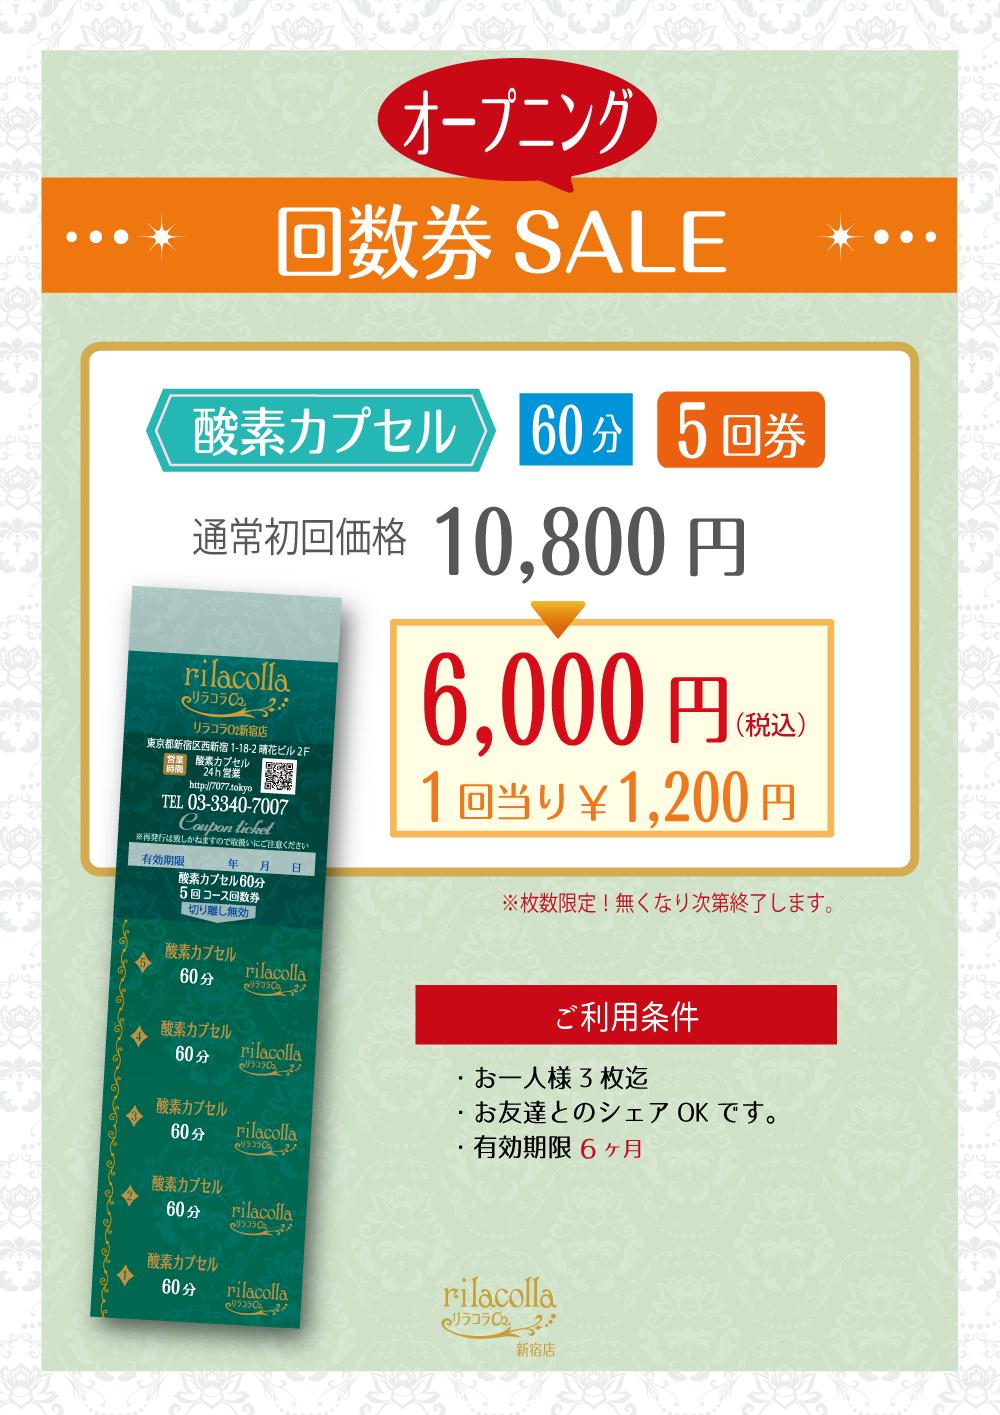 酸素カプセル回数券5回6000円